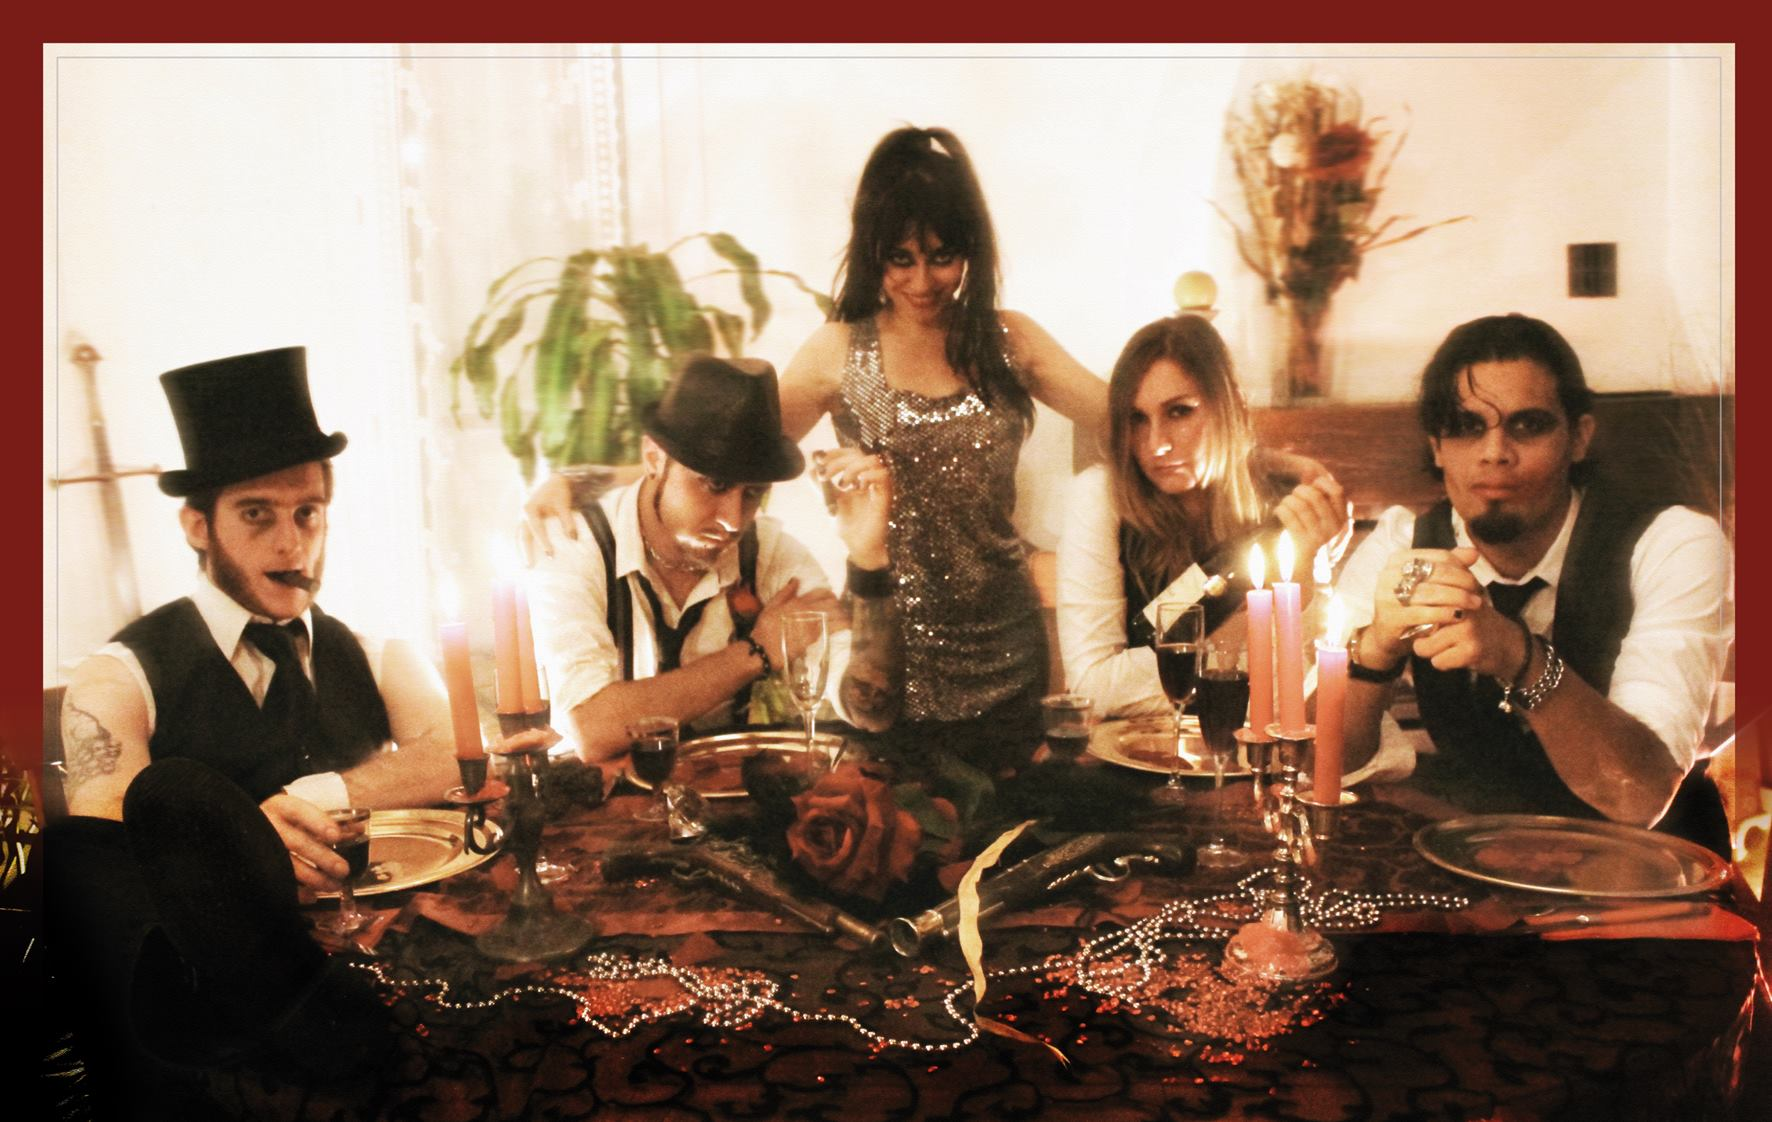 Bad Tripes - Depuis 2007, Bad Tripes distille son rock vénéneux, sinistre et joyeux à grands coups de guitares, de hurlements rigolards et d'instruments vieillots et vicelards.En 2009, la petite troupe sort son premier album, le bien nommé Phase Terminale, dans un joyeux fracas un tiers metal, un tiers électro festive, un tiers guinguette bordélique. Pendant quelques années, le groupe sème la joie (et la consternation des âmes chastes) sur les scènes sudistes, avec quelques petits passages à Paris et une poignée de dates mémorables en Europe de l'Est aux côtés de Six Feet Under et d'Illdisposed, à l'occasion d'une tournée européenne décadente et enivrée. En 2013, Bad Tripes sort, toujours en autoproduction, son deuxième opus Splendeurs et Viscères, moins foutraque mais toujours aussi enragé,et un brin plus maîtrisé.Après quatre années d'absence, faites de doute, de turpitudes et de grand n'importe quoi éthylique, Bad Tripes revient avec son troisième album Les Contes de la Tripe, composé de douze petites fables tragicomiques et salaces, gore, badass et cradasses.https://www.facebook.com/pg/BadTripesOfficiel/https://badtripes.bandcamp.com/album/les-contes-de-la-tripe